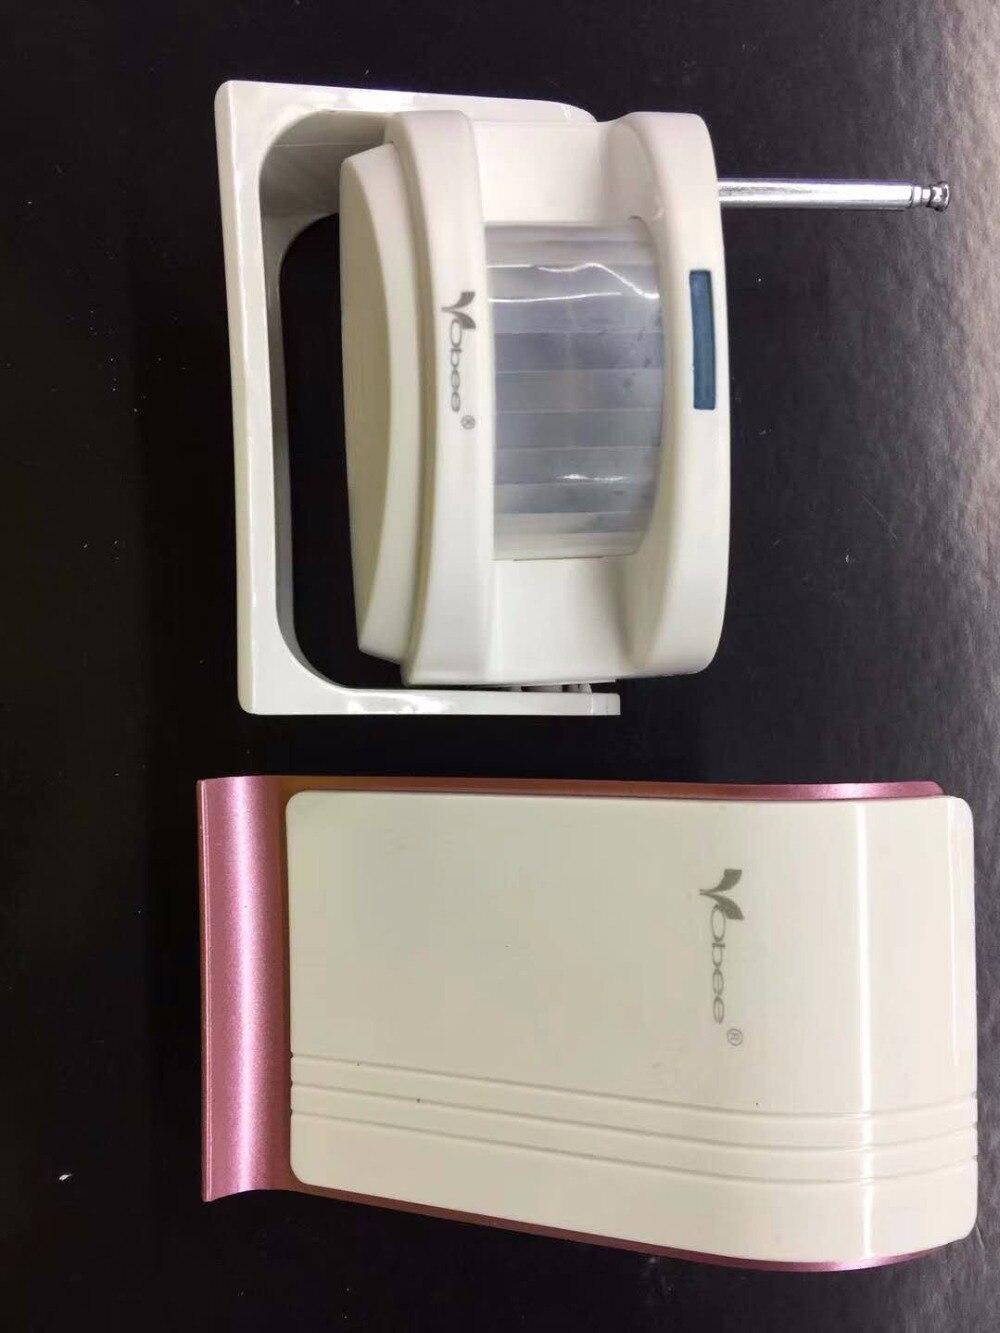 Security Alarm and Motion Sensor,Wireless Digital Doorbell Door Chime,Welcome Door Bell,PIR Motion Sensor mool welcome chime door bell motion sensor wireless alarm